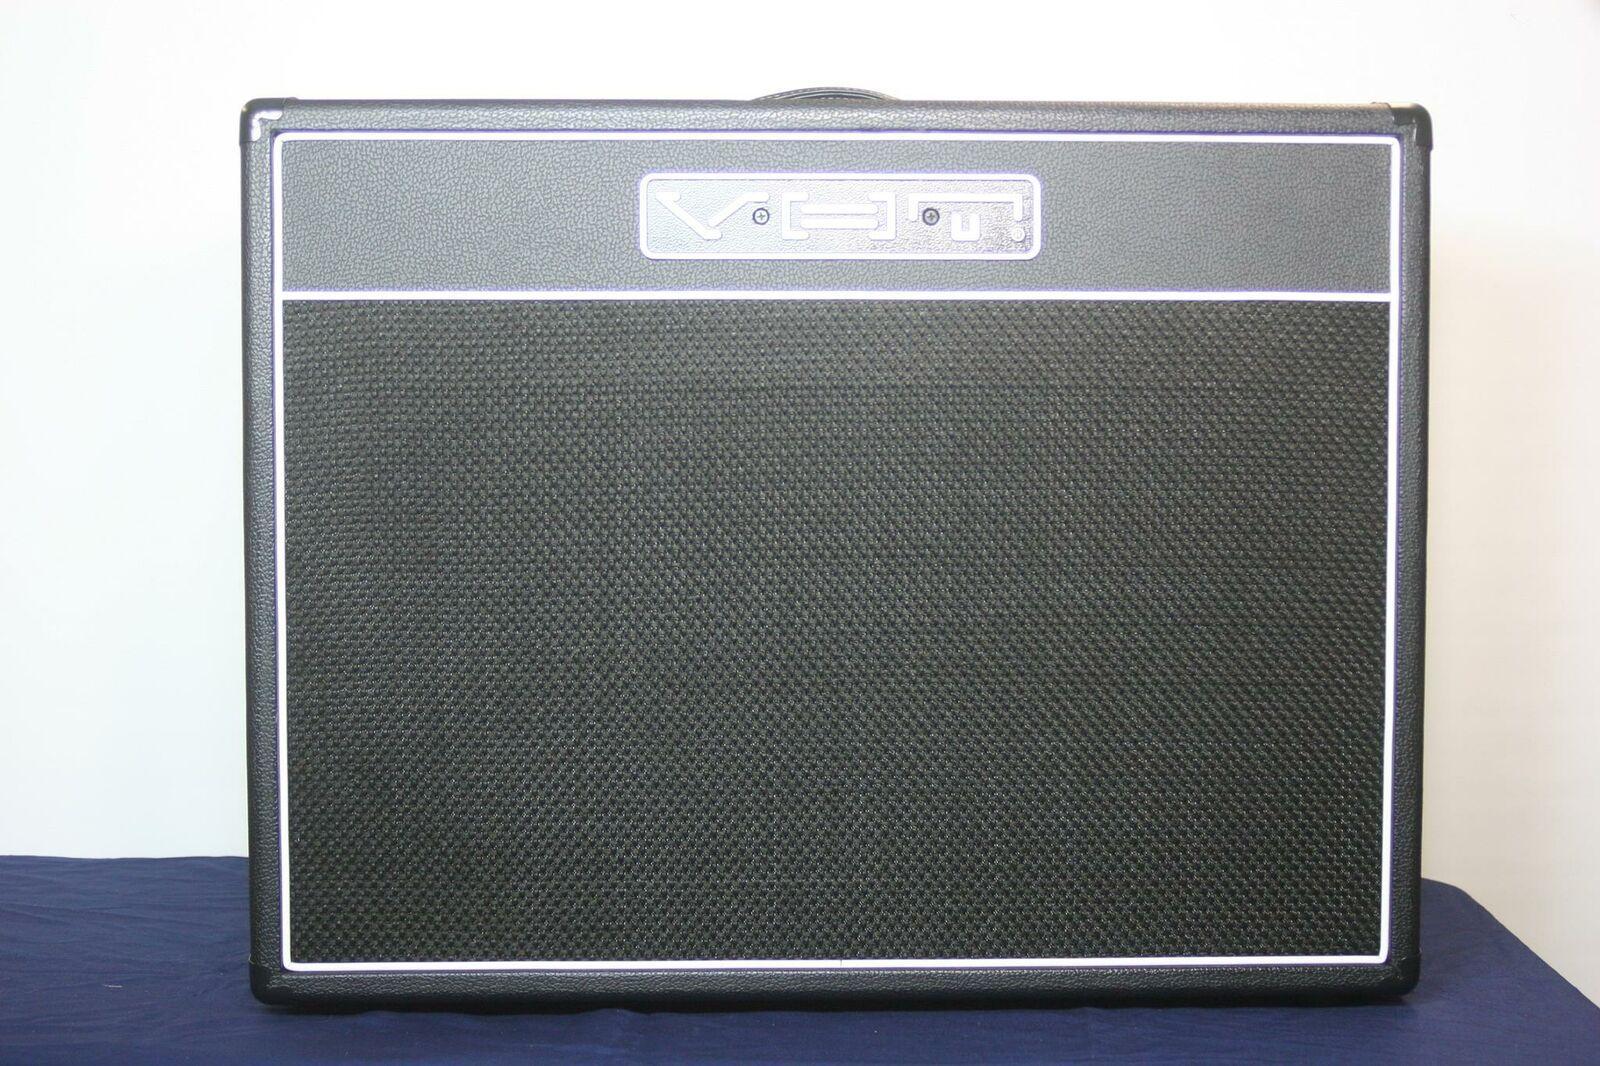 Details About Vht 212 Black Tolex Guitar Cabinet With 2 Vht